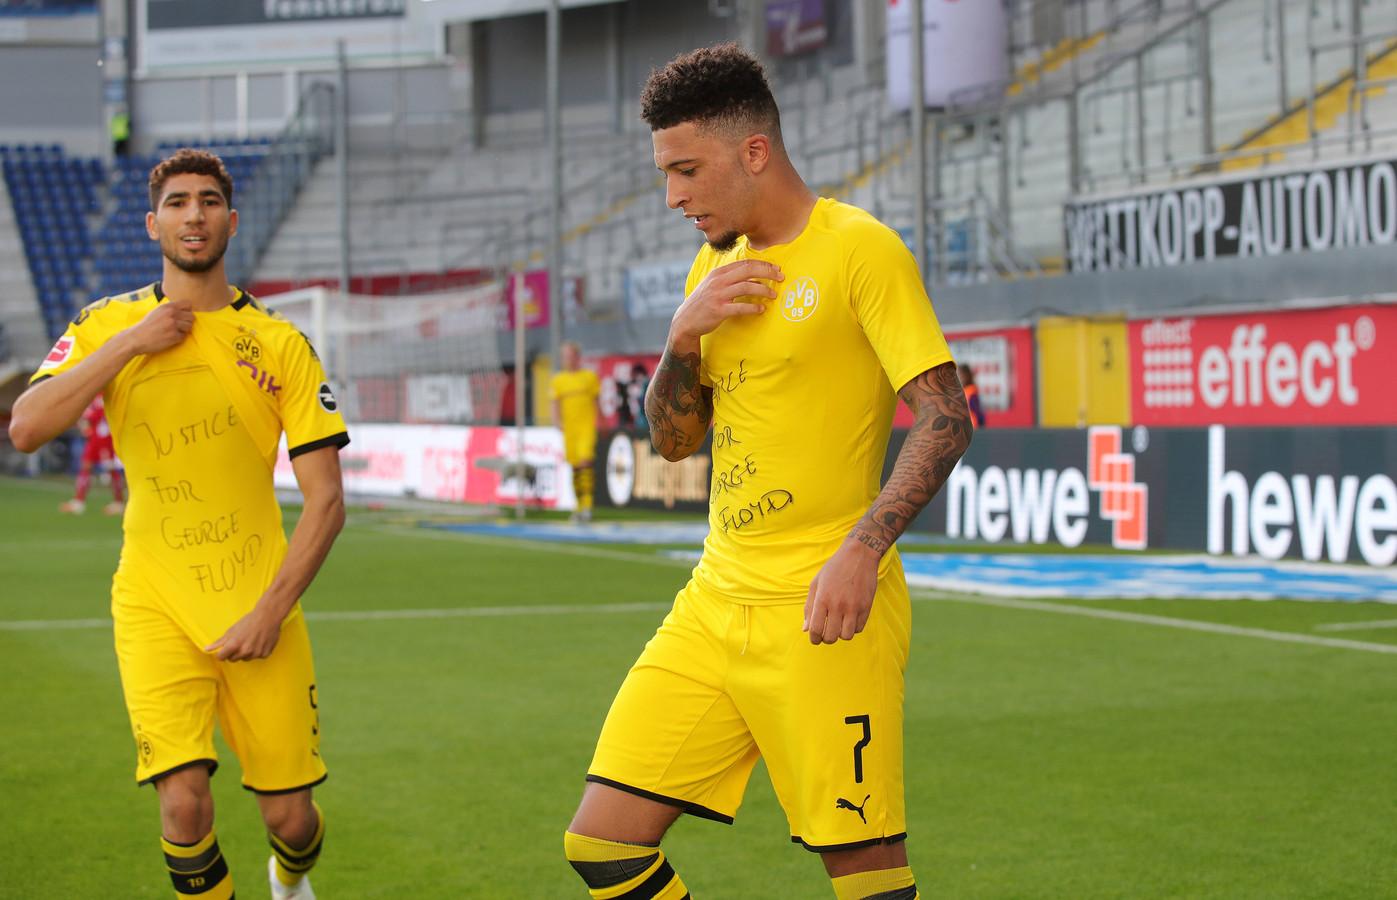 Achraf Hakimi en Jadon Sancho toonden gisteren dezelfde tekst op hun ondershirt na hun goals tegen SC Paderborn: 'Justice for George Floyd'